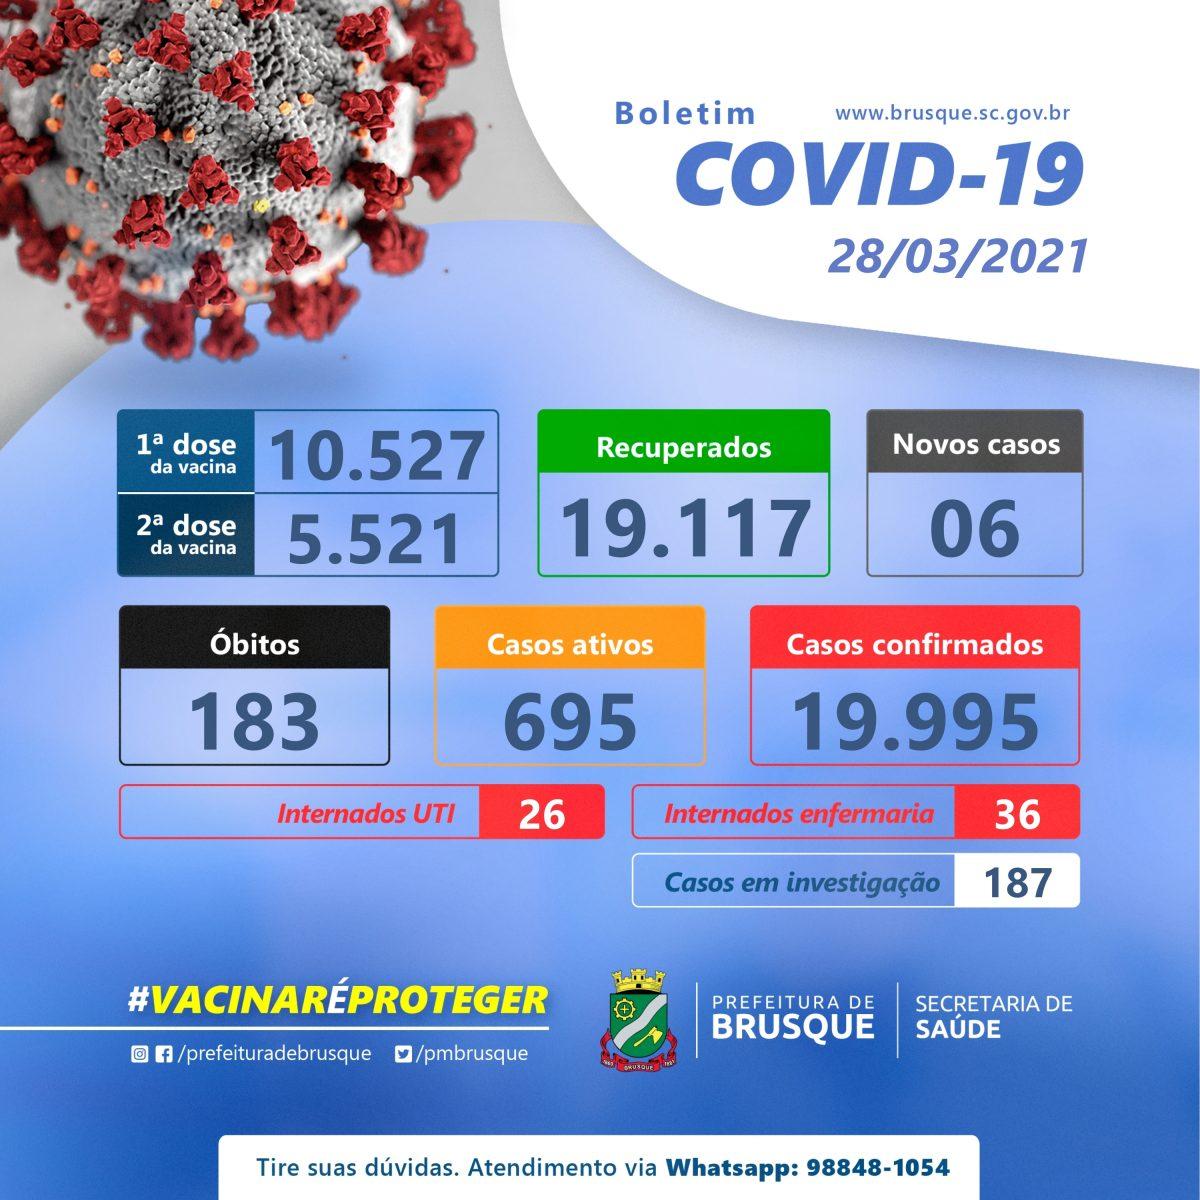 Covid-19: Confira o boletim epidemiológico deste domingo (28)